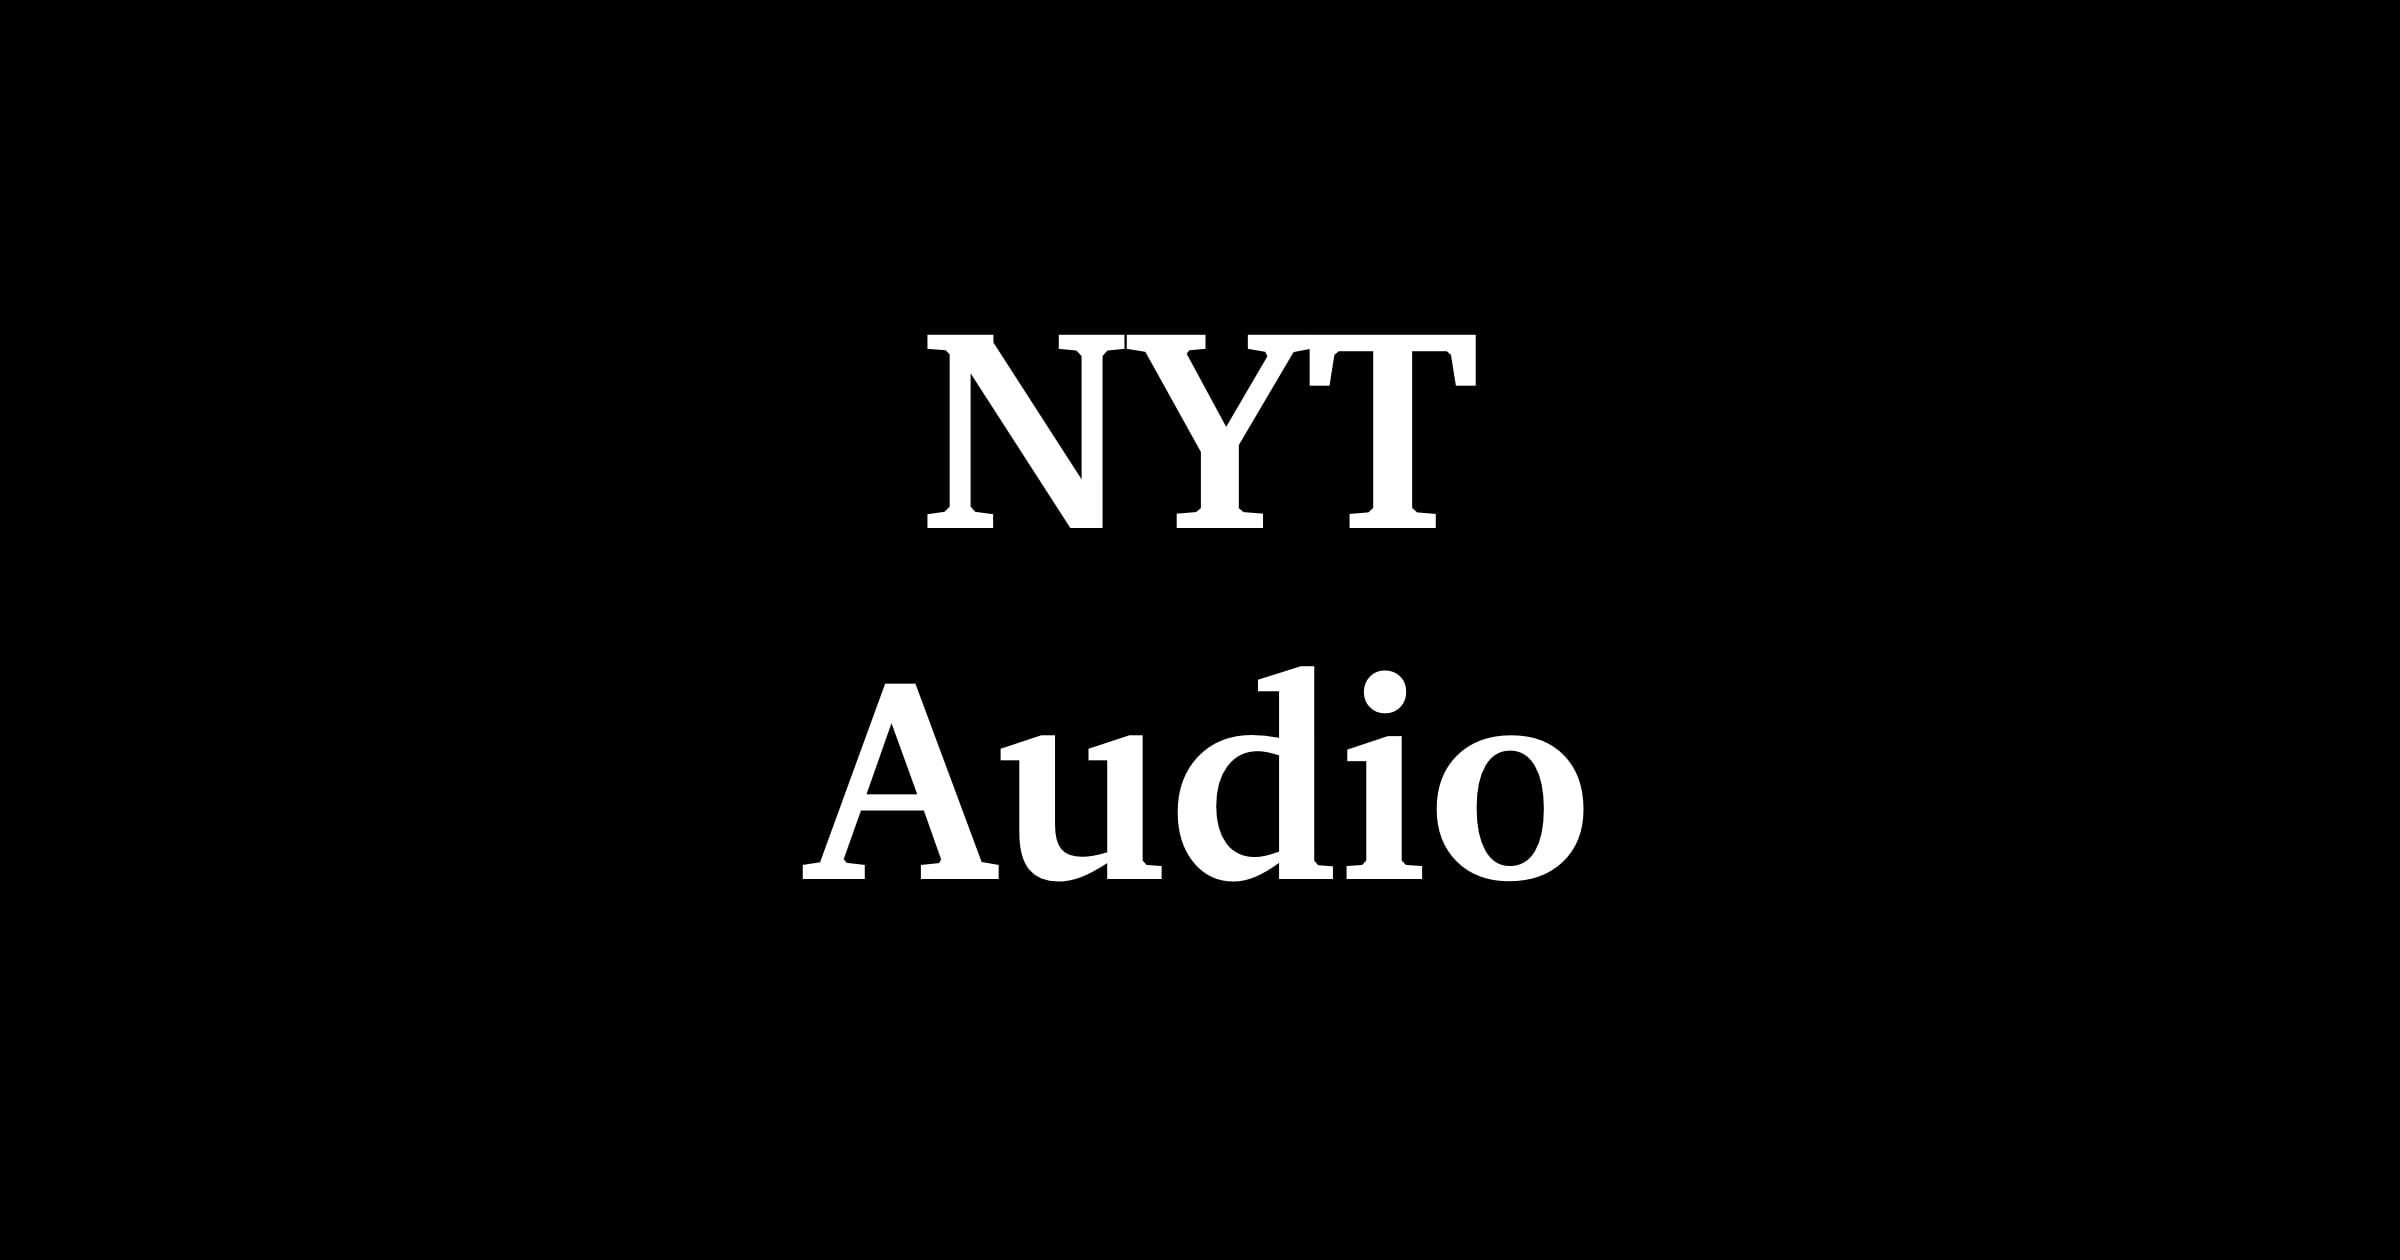 NTY audio app